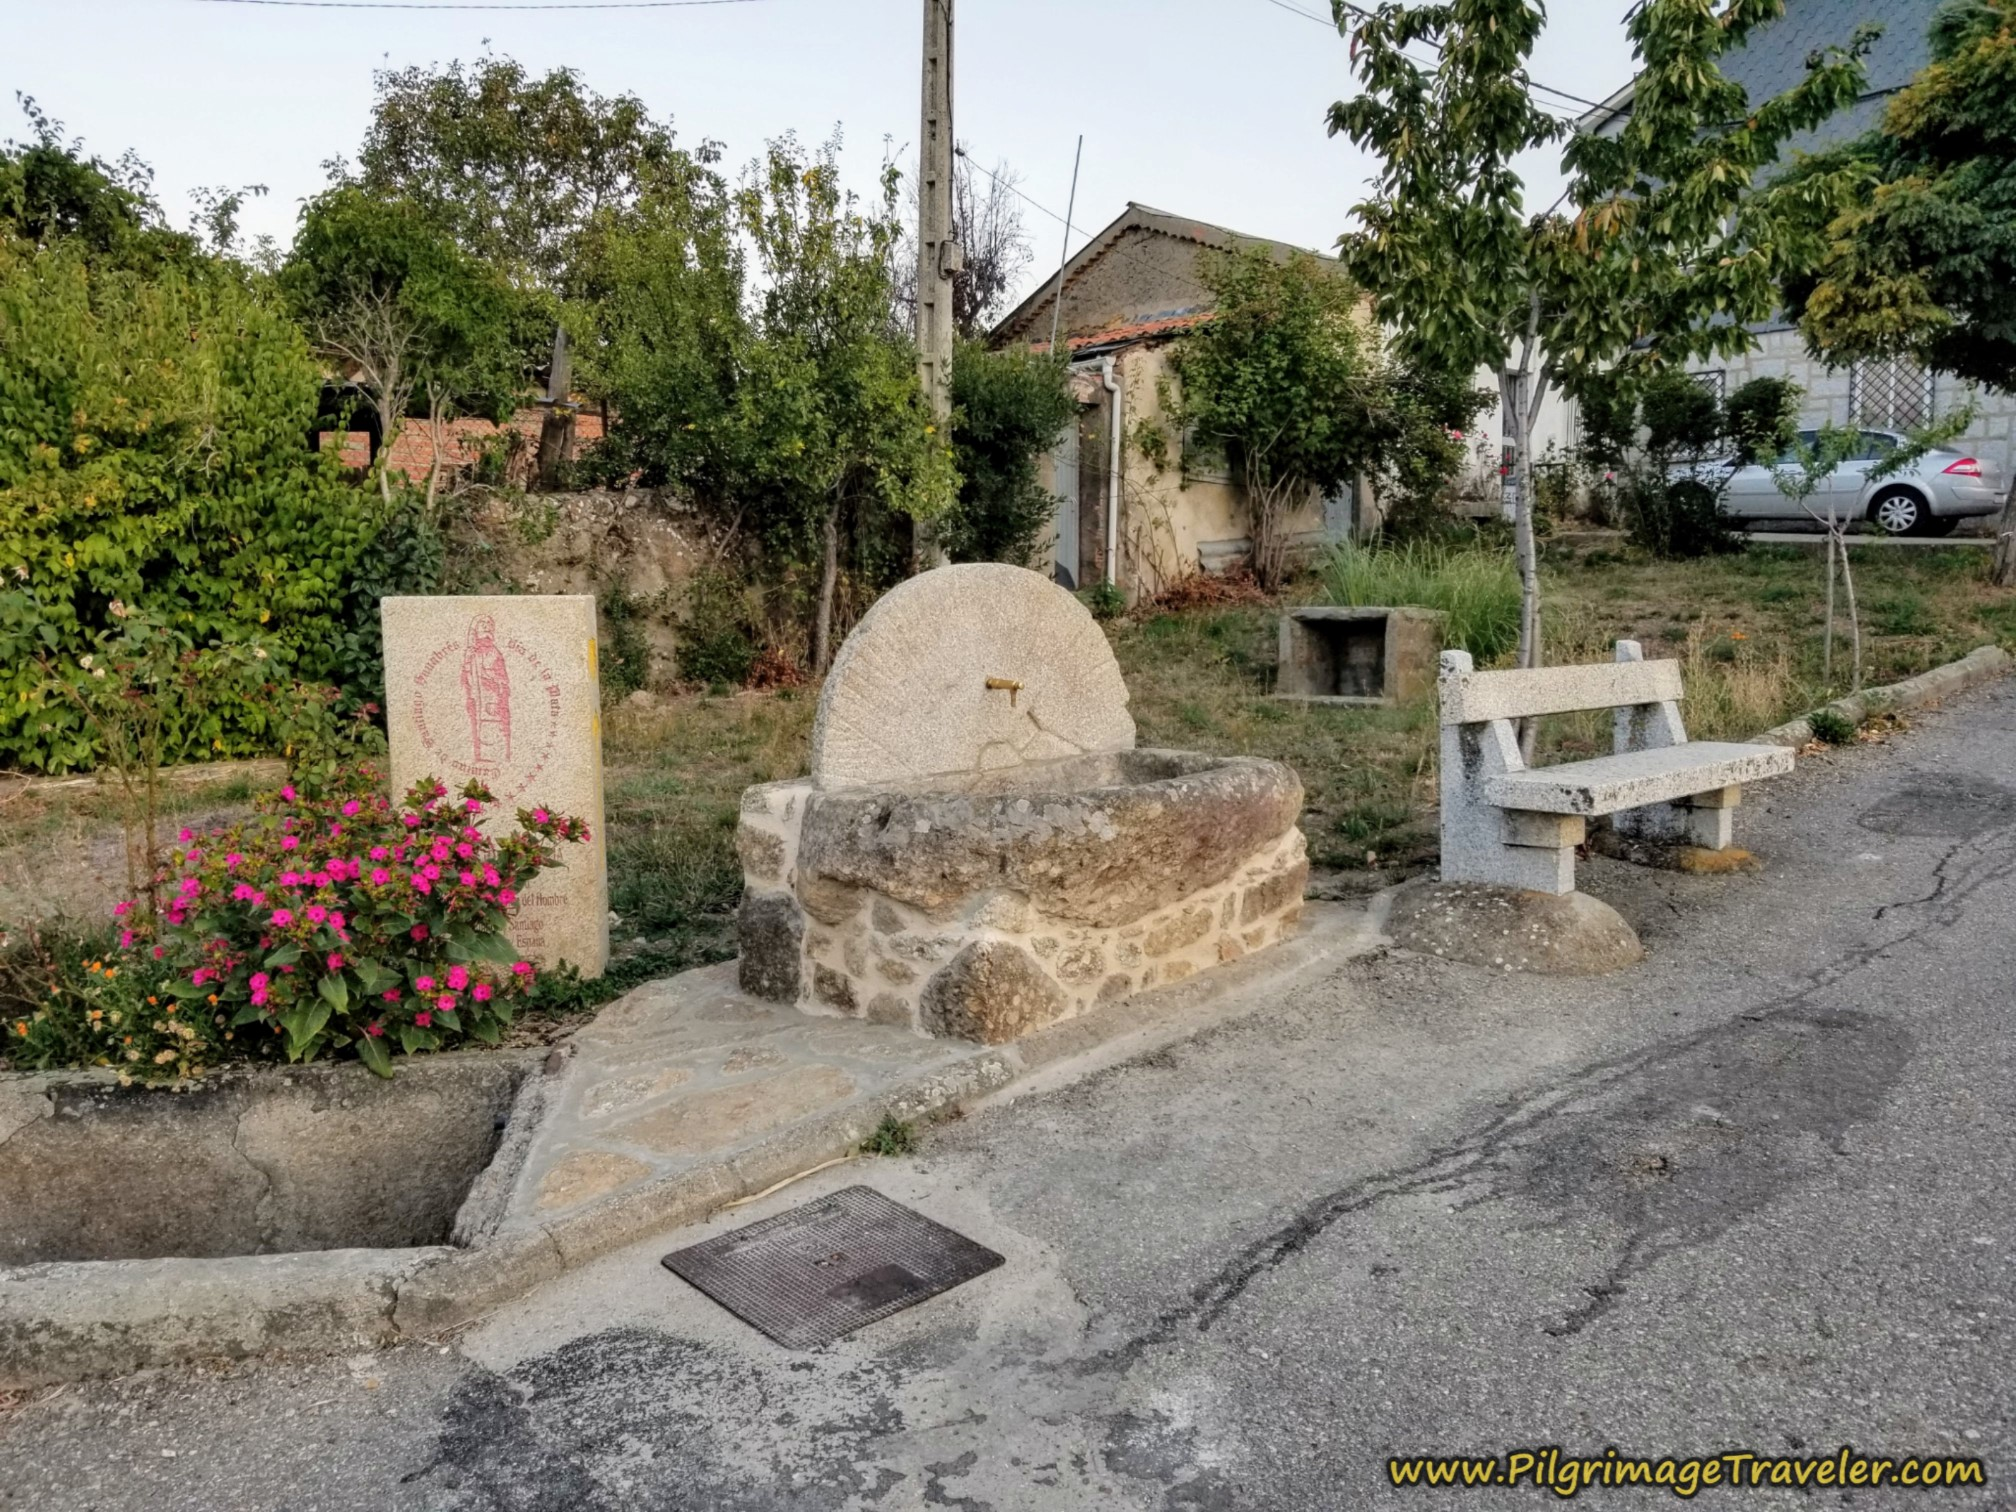 Pilgrim's Rest Stop in Asturianos